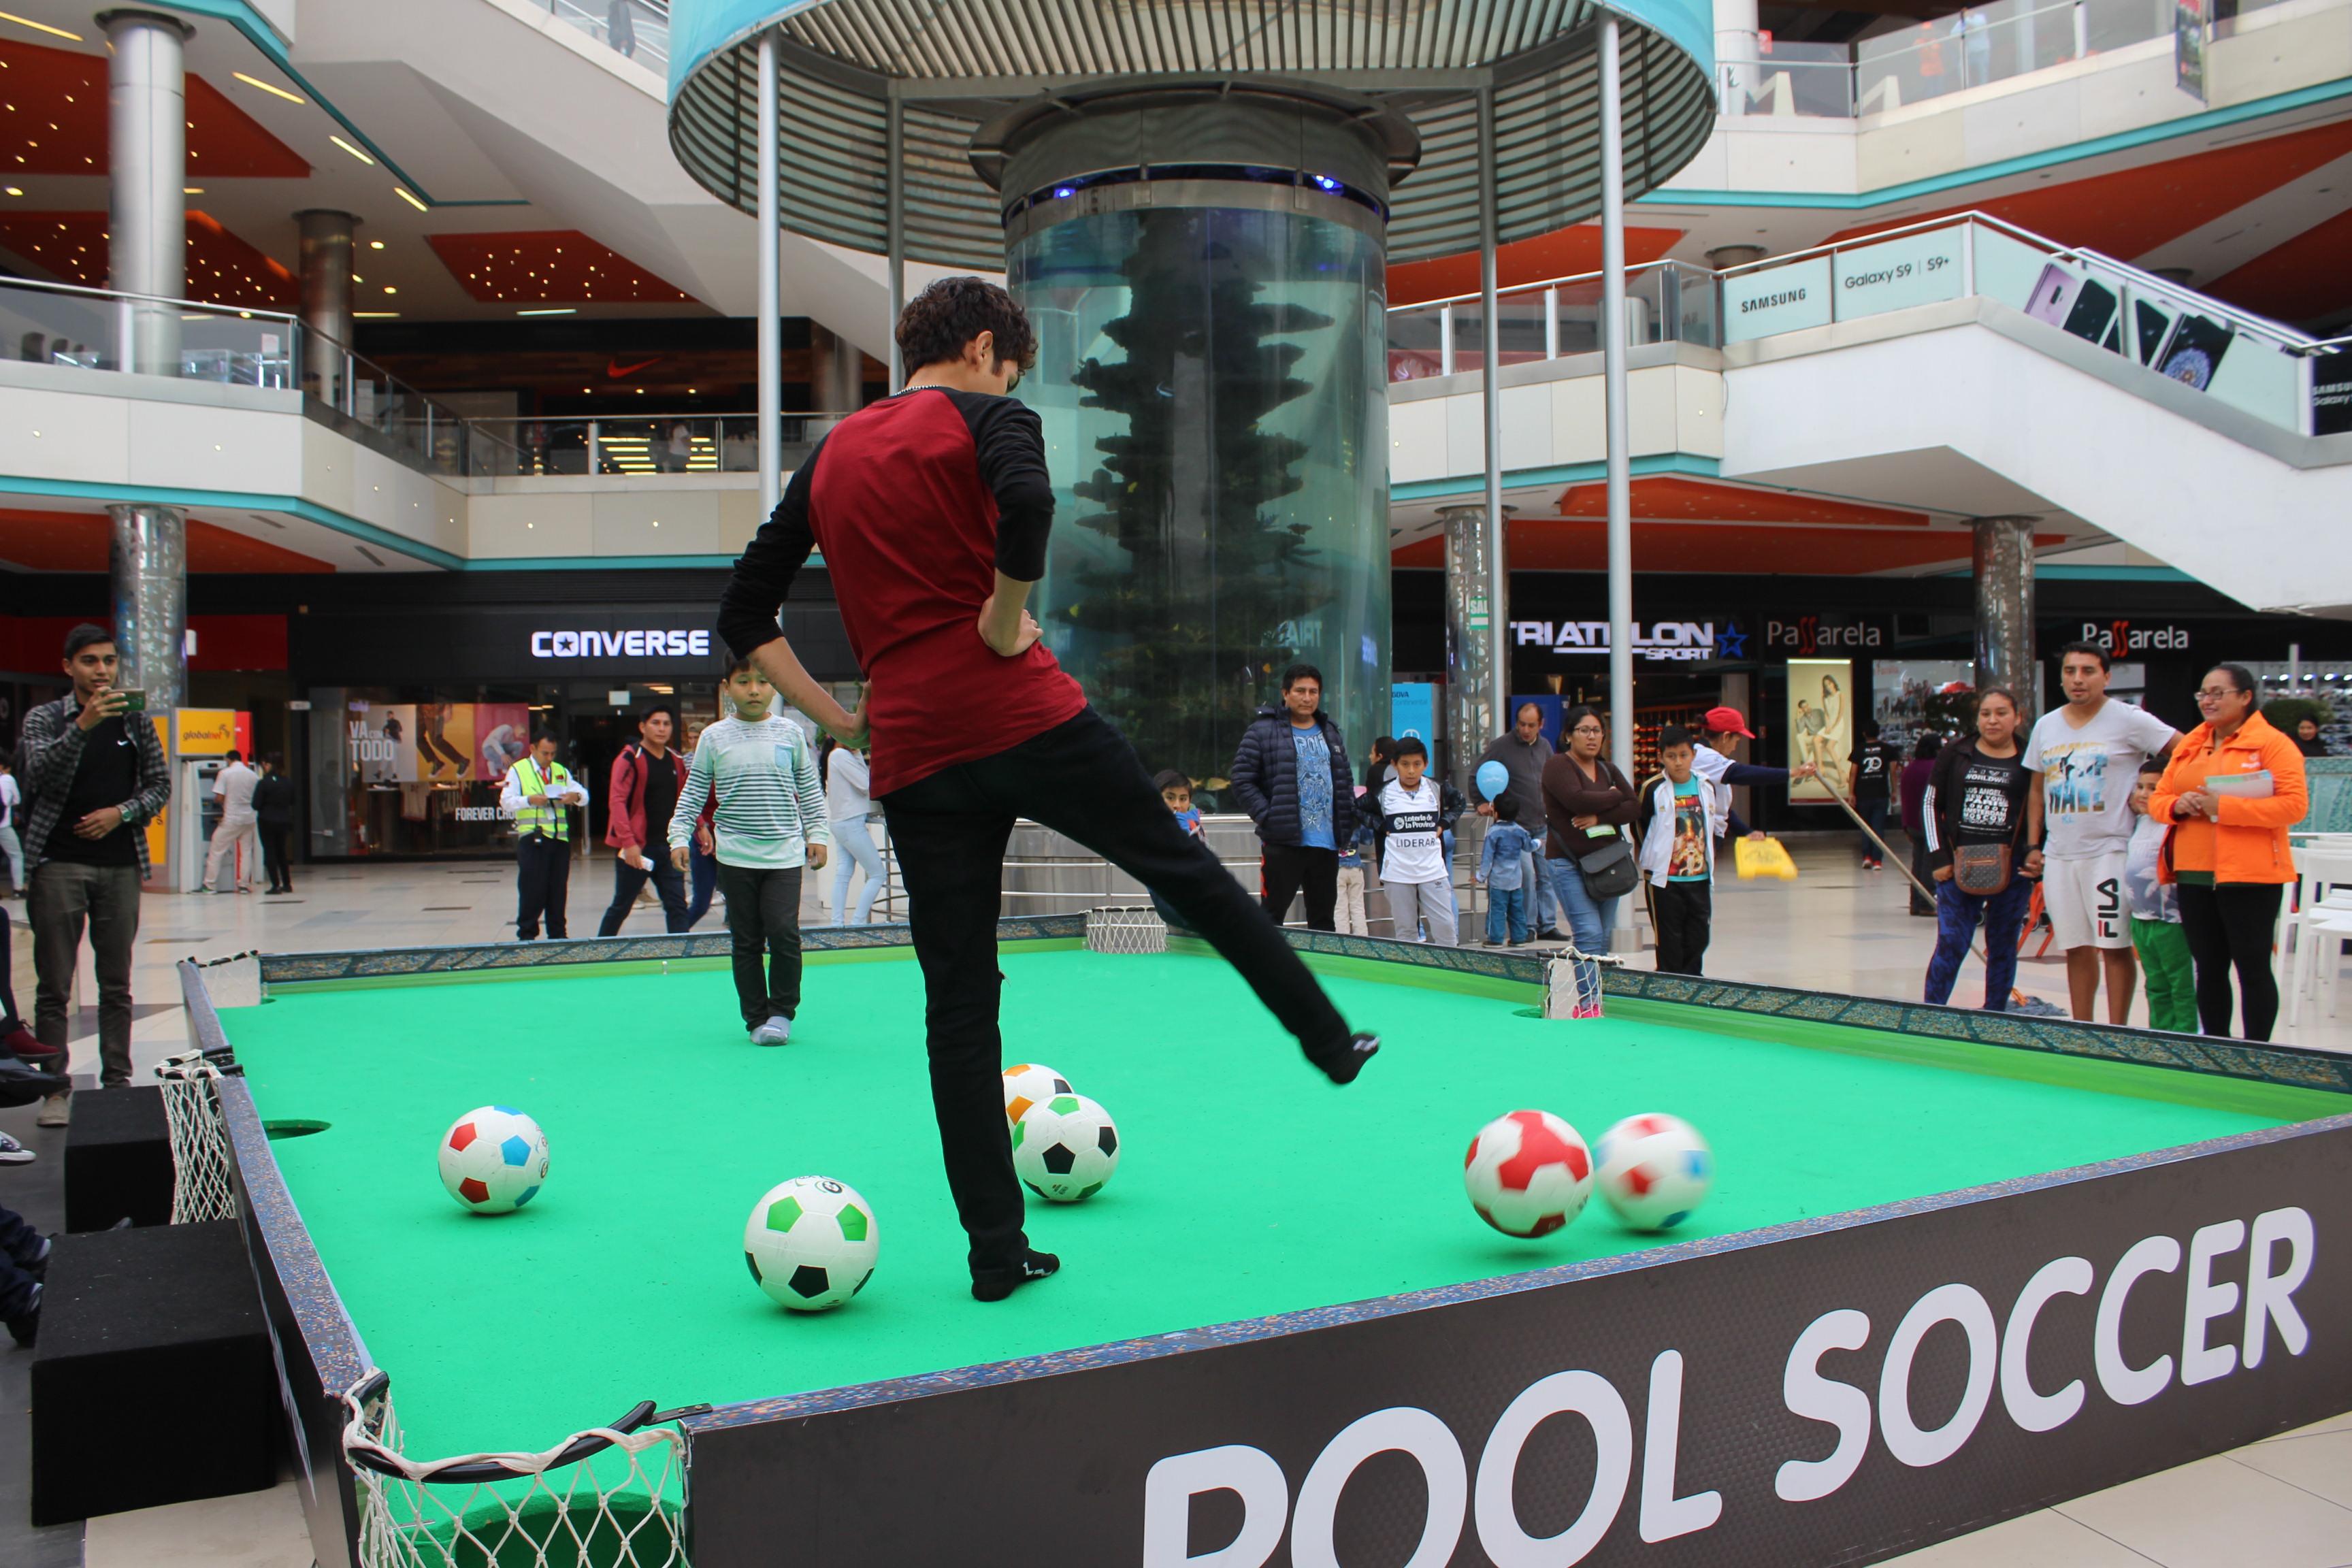 Megaplaza - Del retail al retailment: el boom de la transformación de los malls peruanos